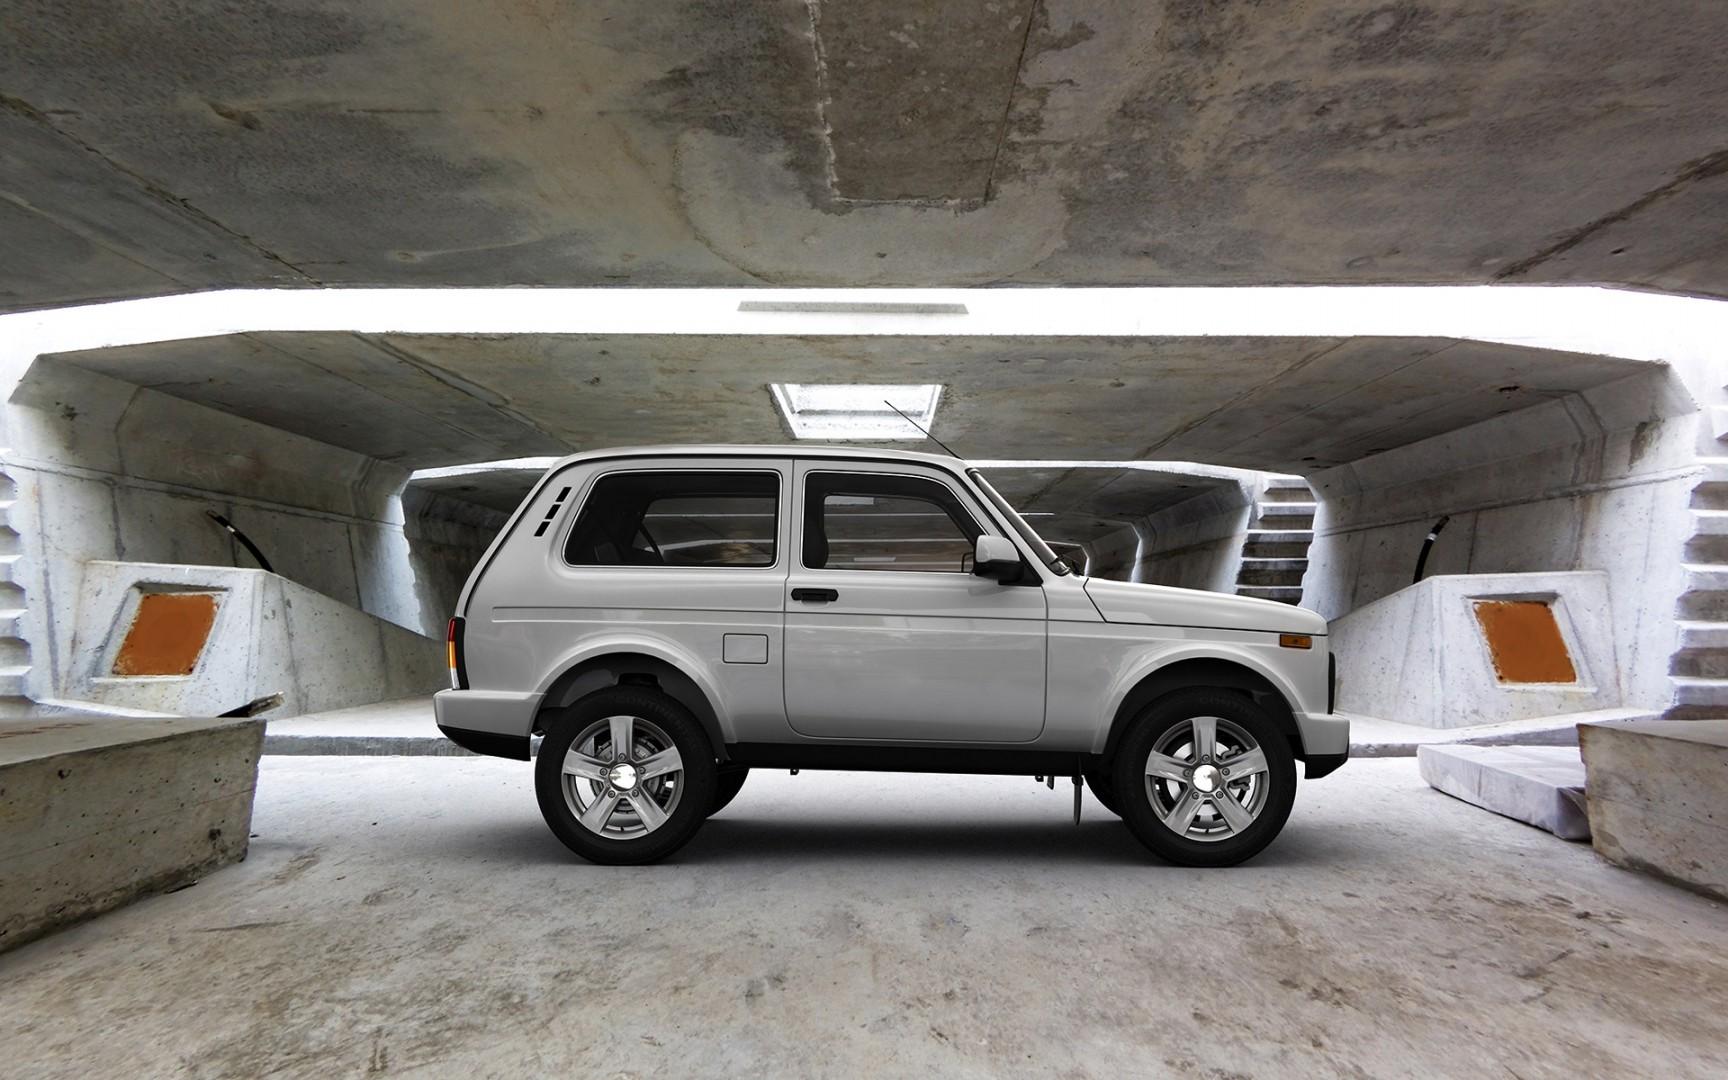 Lada 4x4 оказался самым популярным внедорожником навторичном рынке в России class=